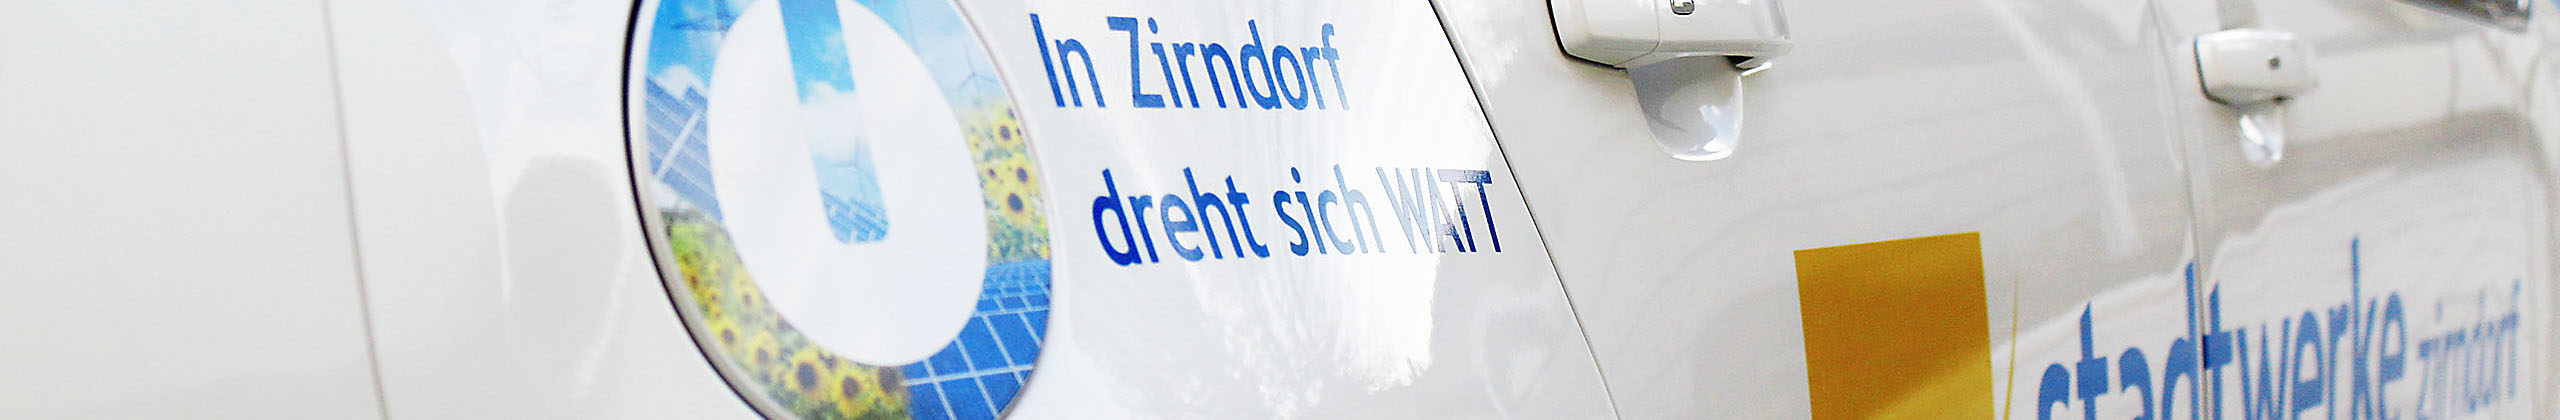 72e7974e5c4808 Stadtwerke Zirndorf GmbH - Ihre sichere Versorgung mit Strom und ...